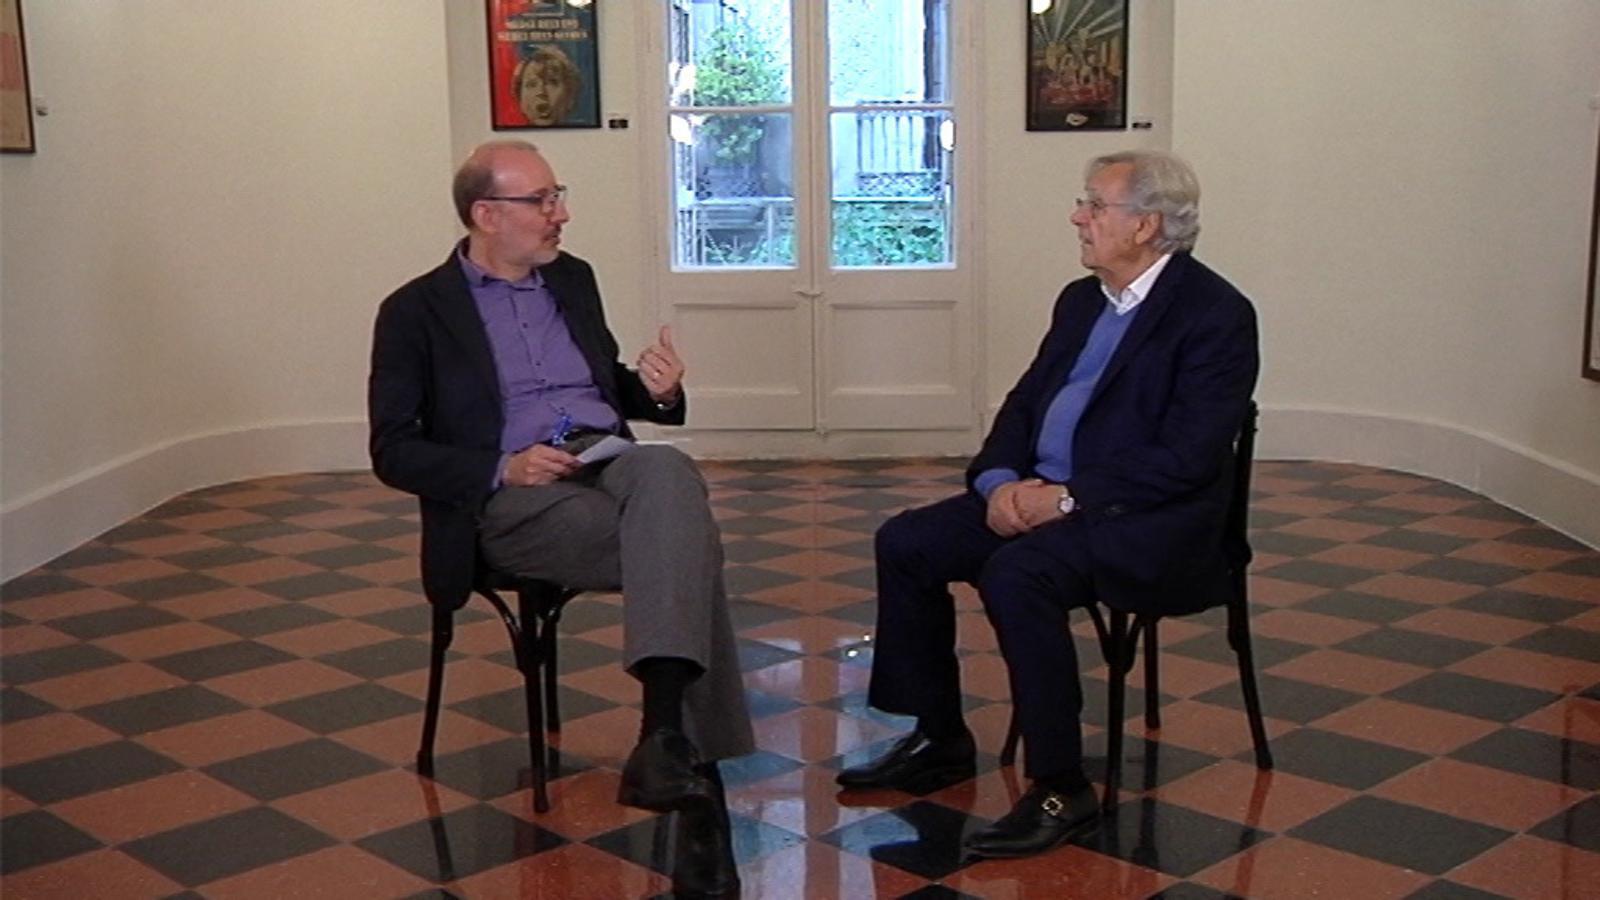 """Bernard Pivot: """"El pa i el vi no estan amenaçats. El llibre tampoc perquè en necessitem"""""""